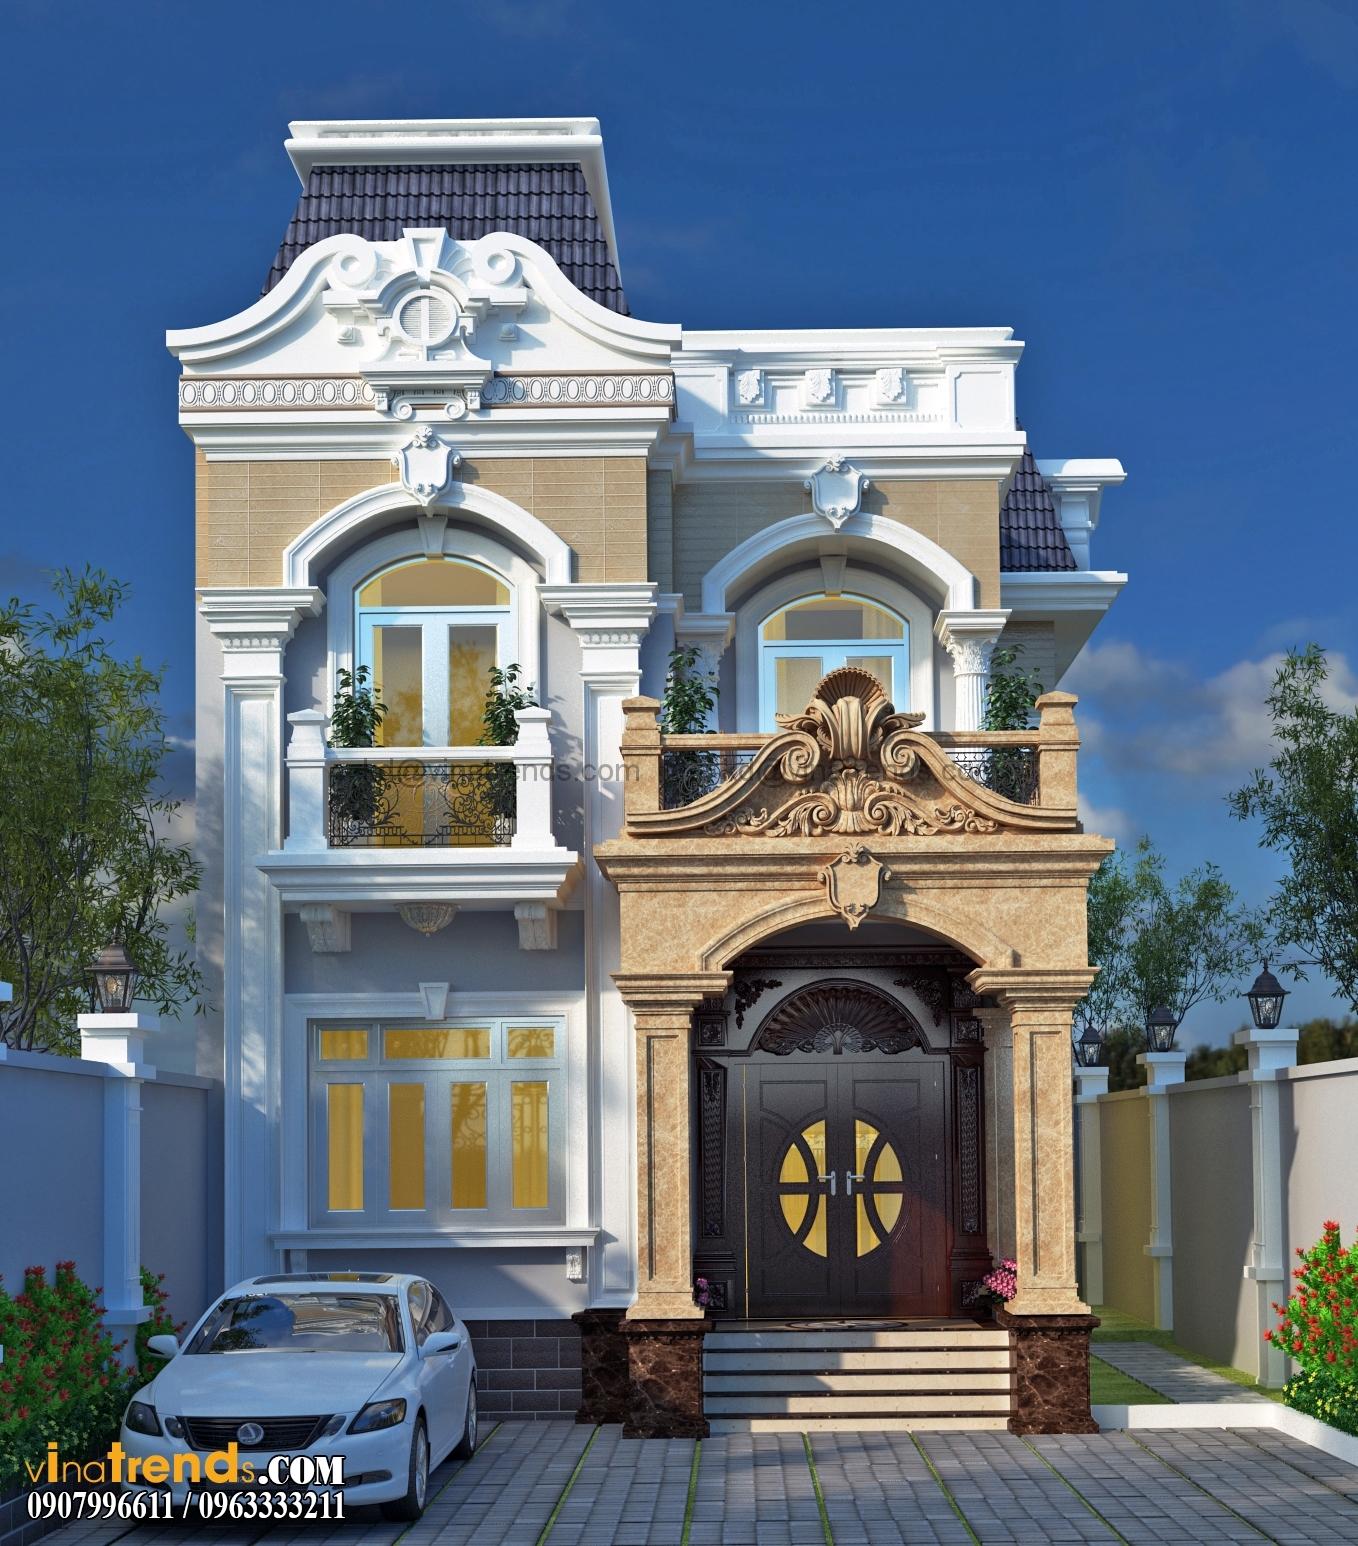 biet thu co dien 3 tang 4 50+ mẫu nhà biệt thự cổ điển đẹp đẳng cấp nhiều đại gia Việt đã chọn xây